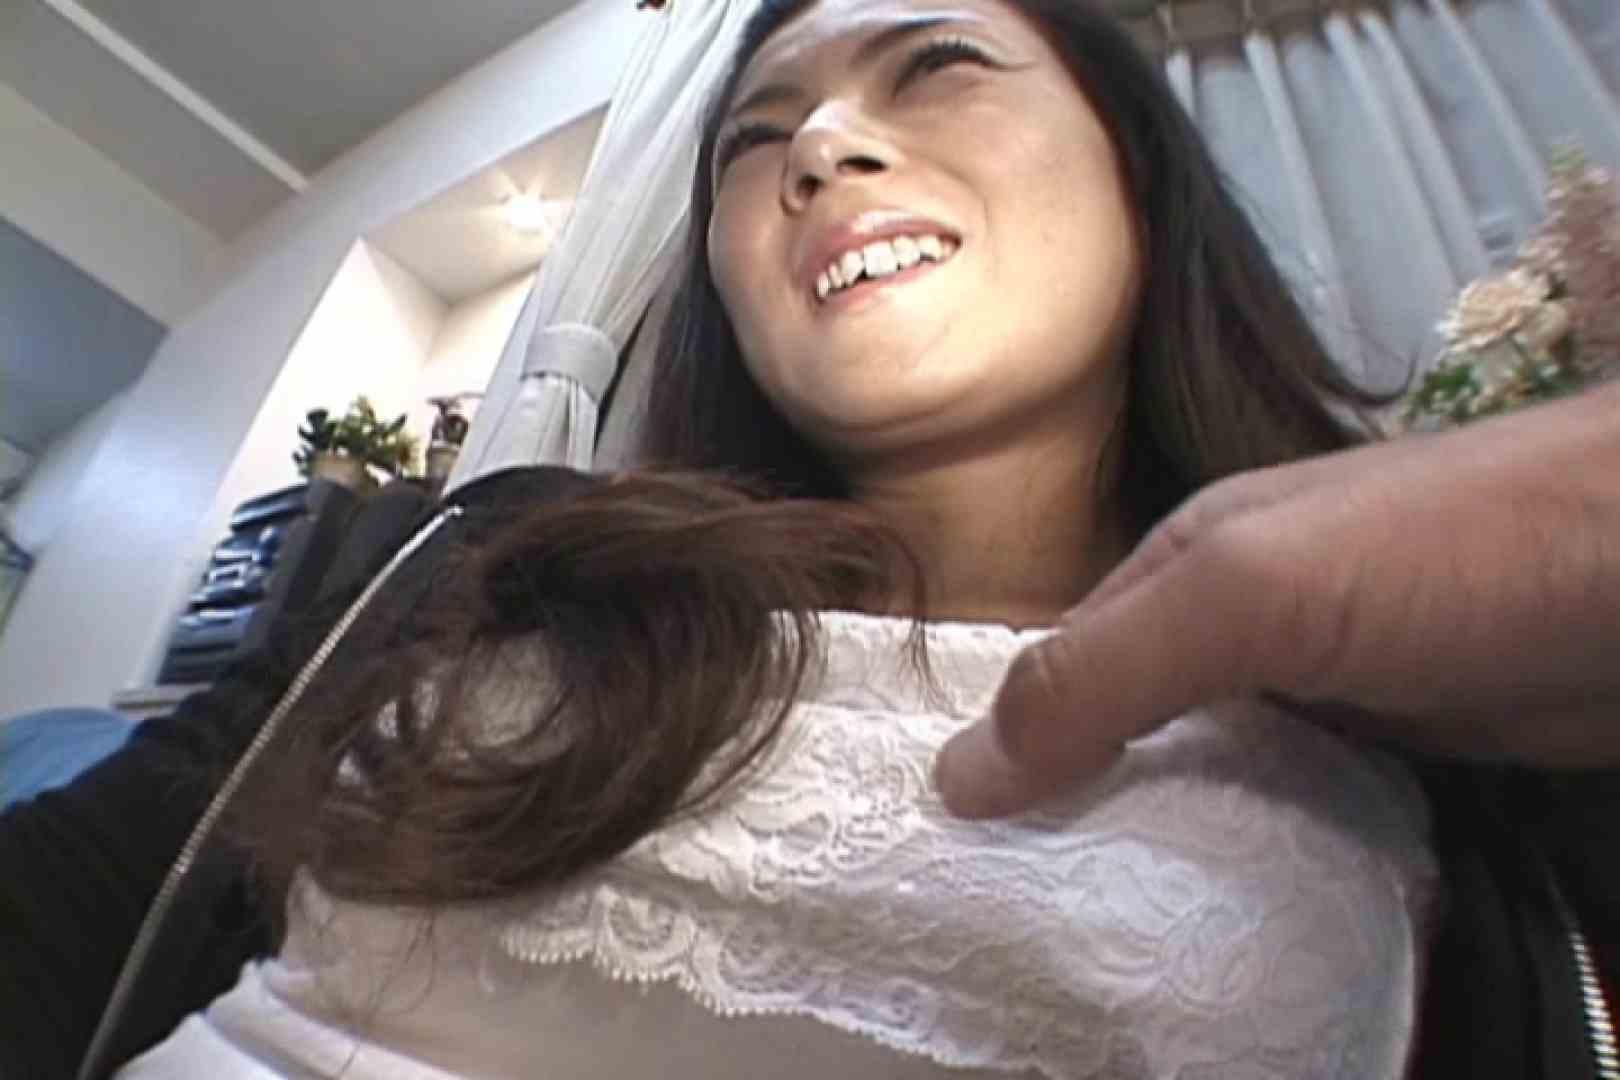 初めての撮影、涙の後には・・・~佳山玲子~ ハプニング | 全裸  90pic 57